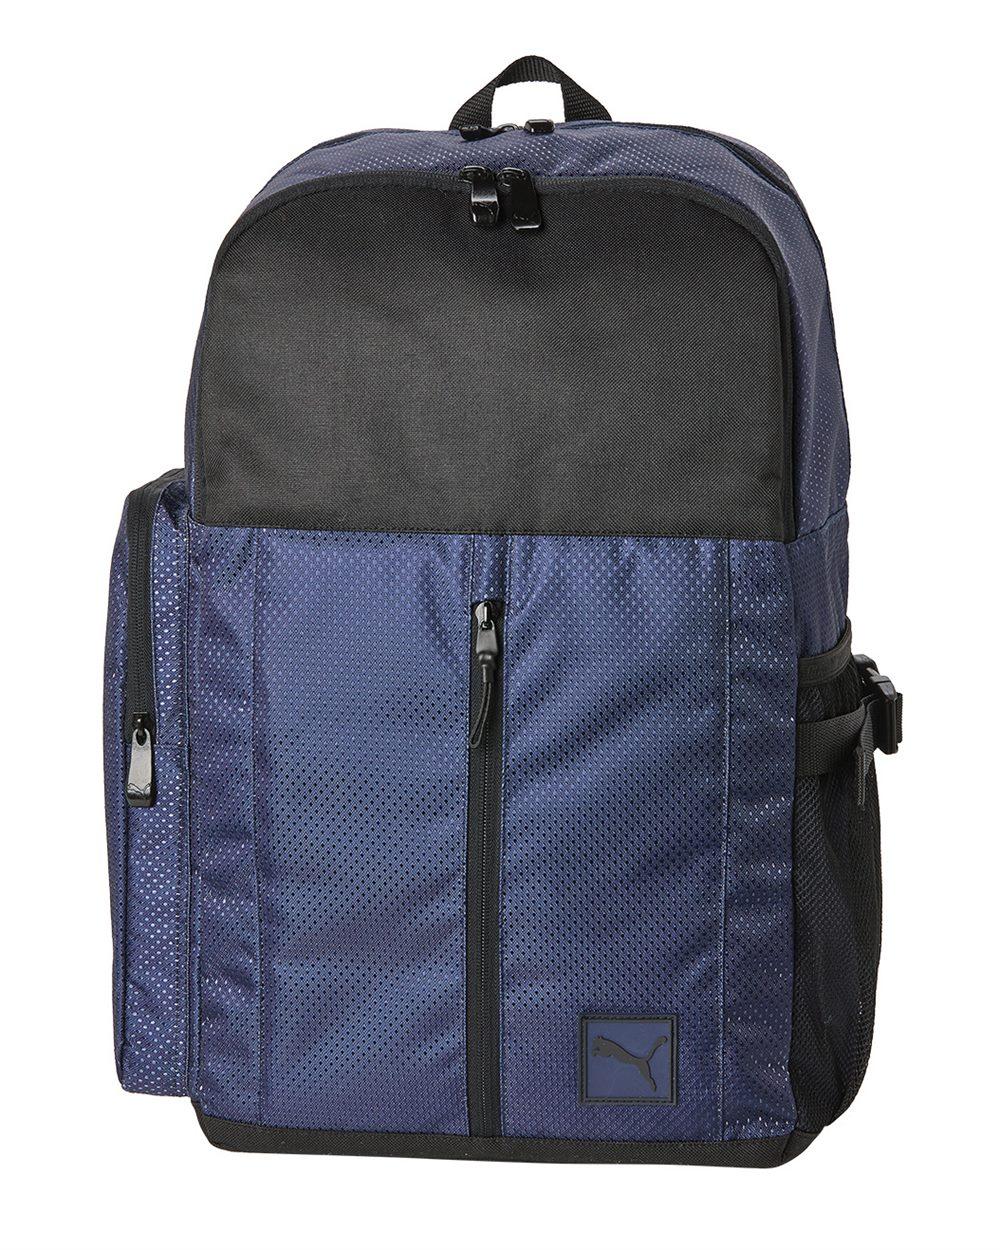 Puma PSC1034 - 25L Backpack